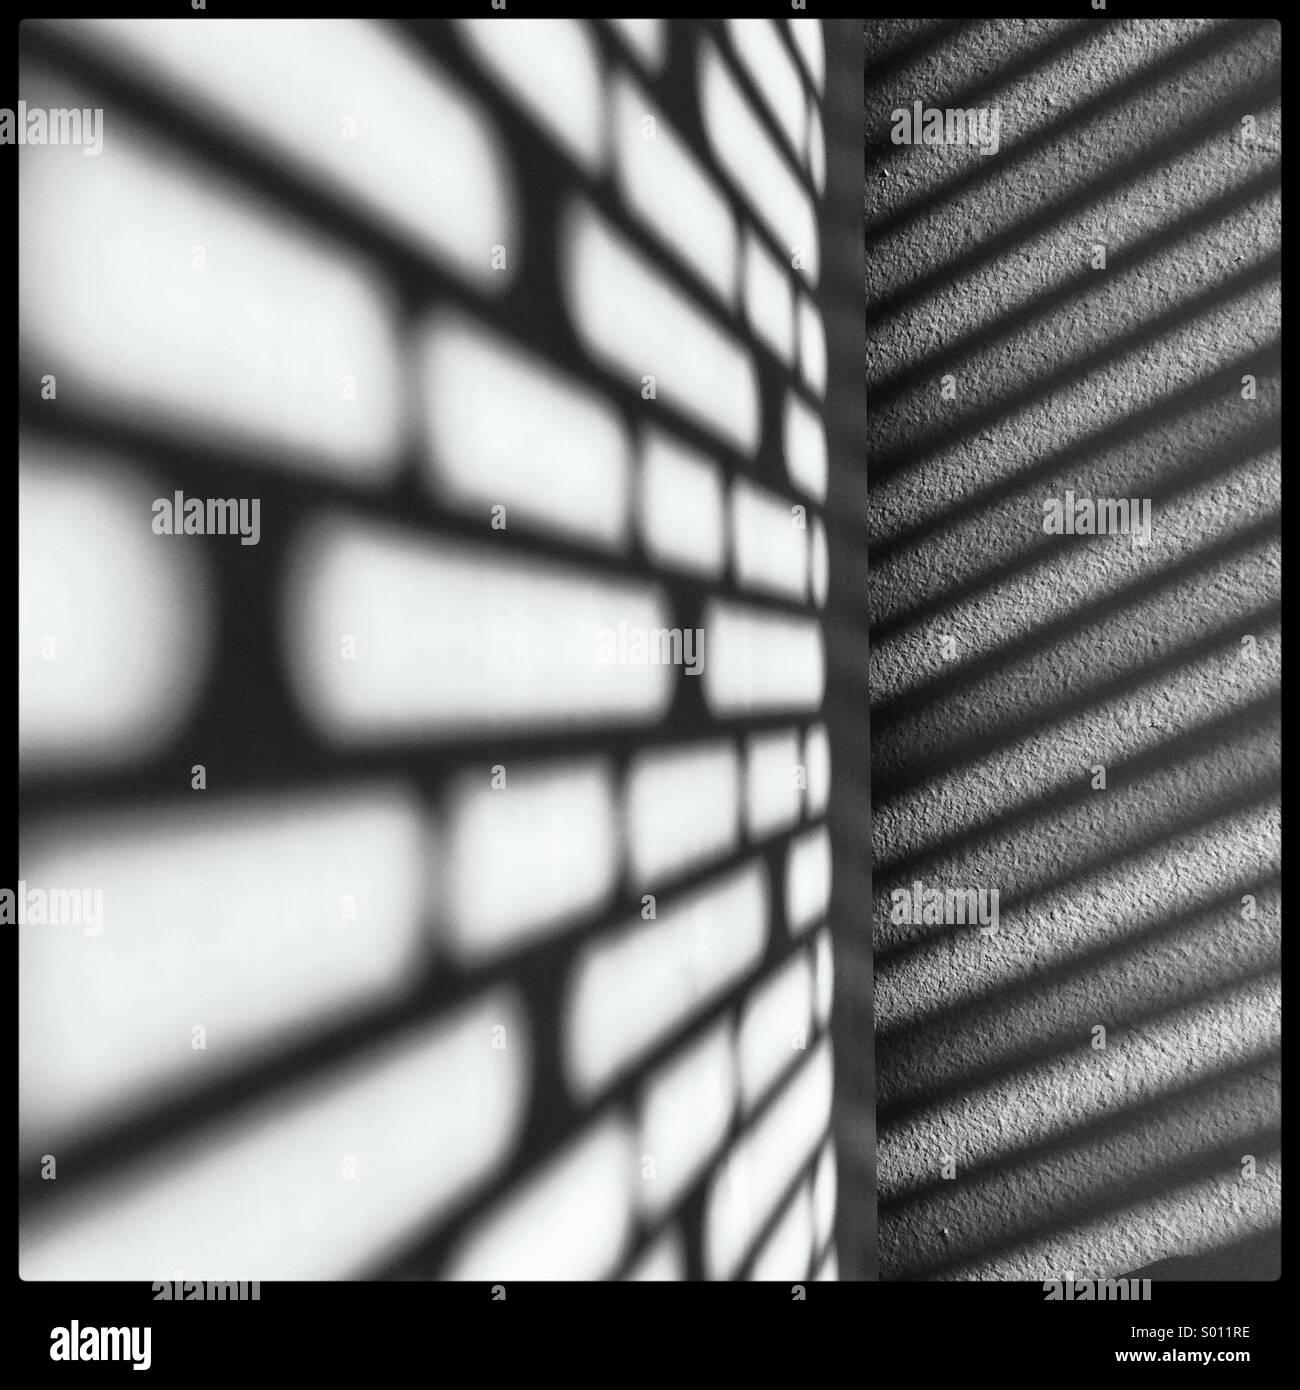 Sun casting raffreddare le ombre sulla mia bacheca e scaffale attraverso le persiane nel mio ufficio. Immagini Stock